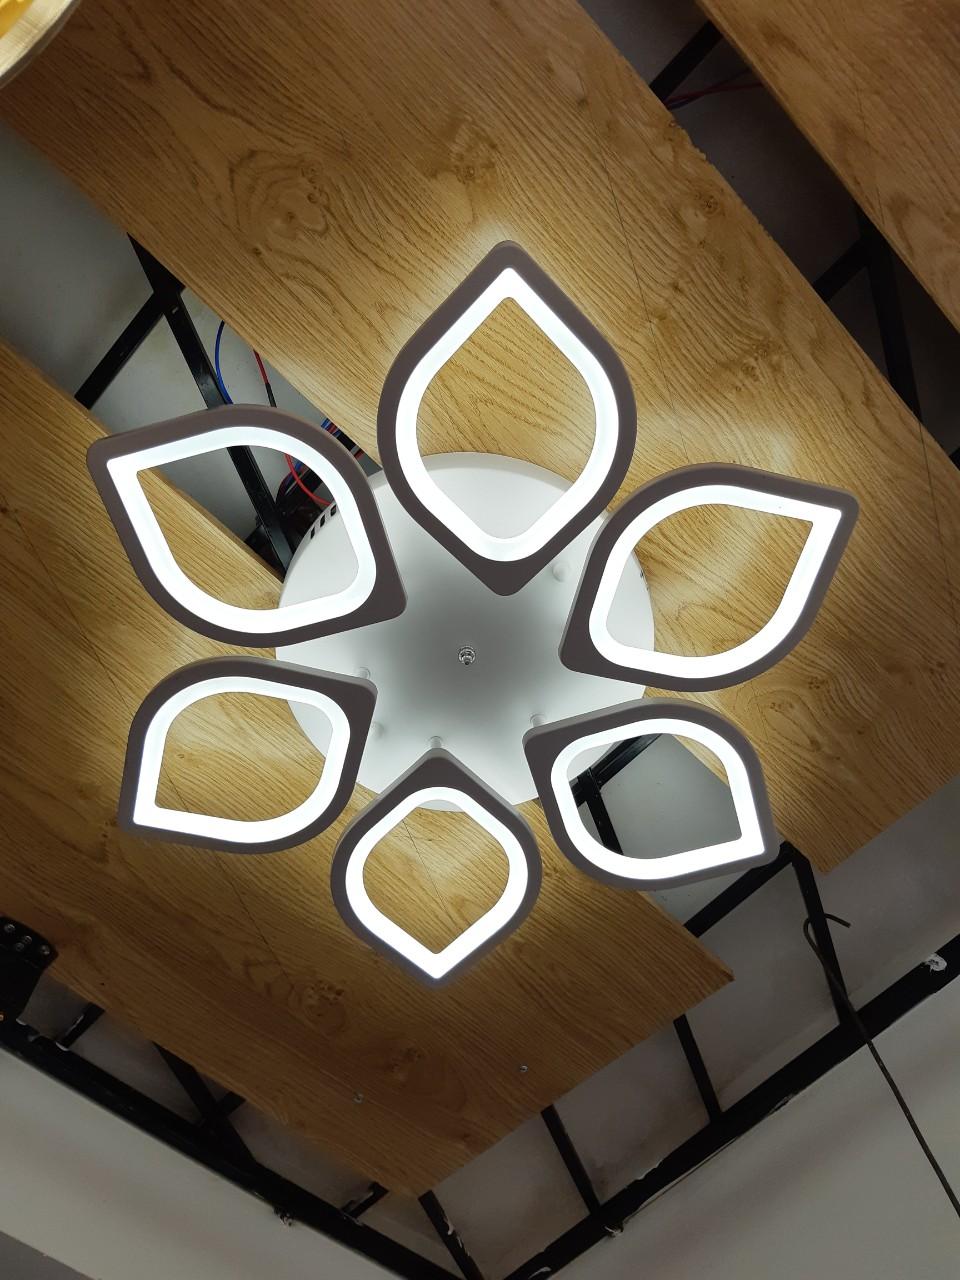 Đèn led mâm sát trần 6 lá sen, 3 màu điều khiển từ xa